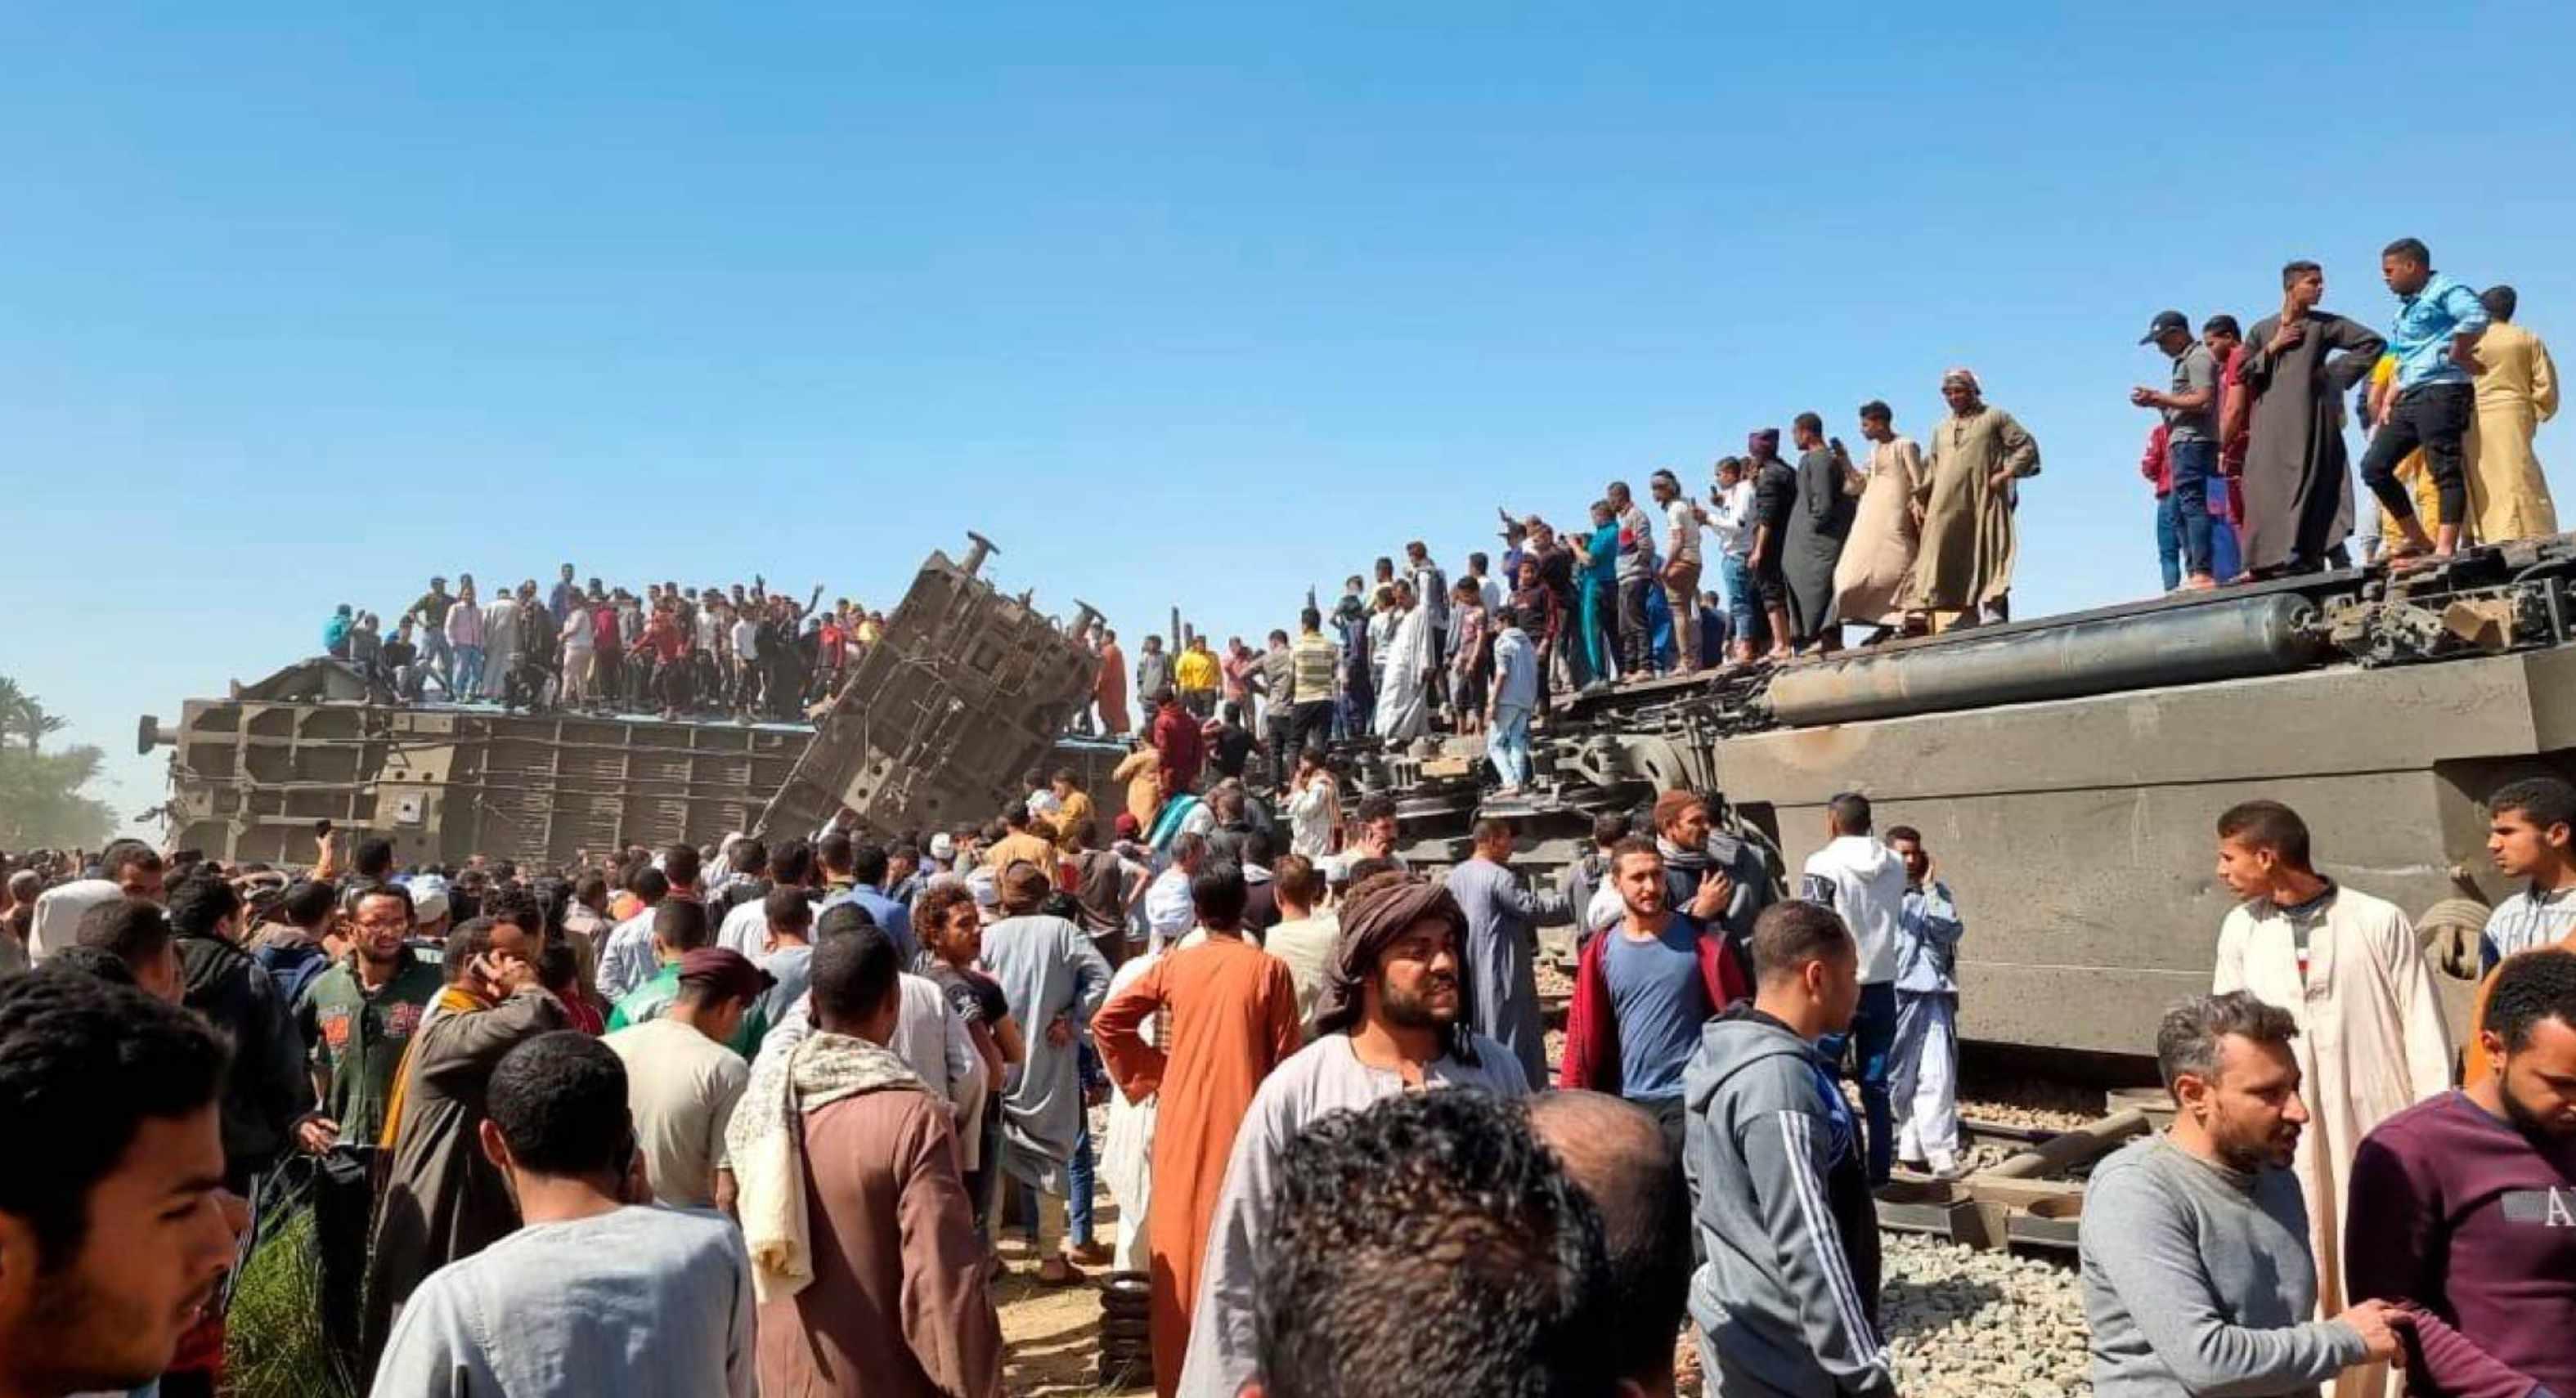 2 trenes chocaron en egipto dejando al menos 30 muertos y un centenar de heridos